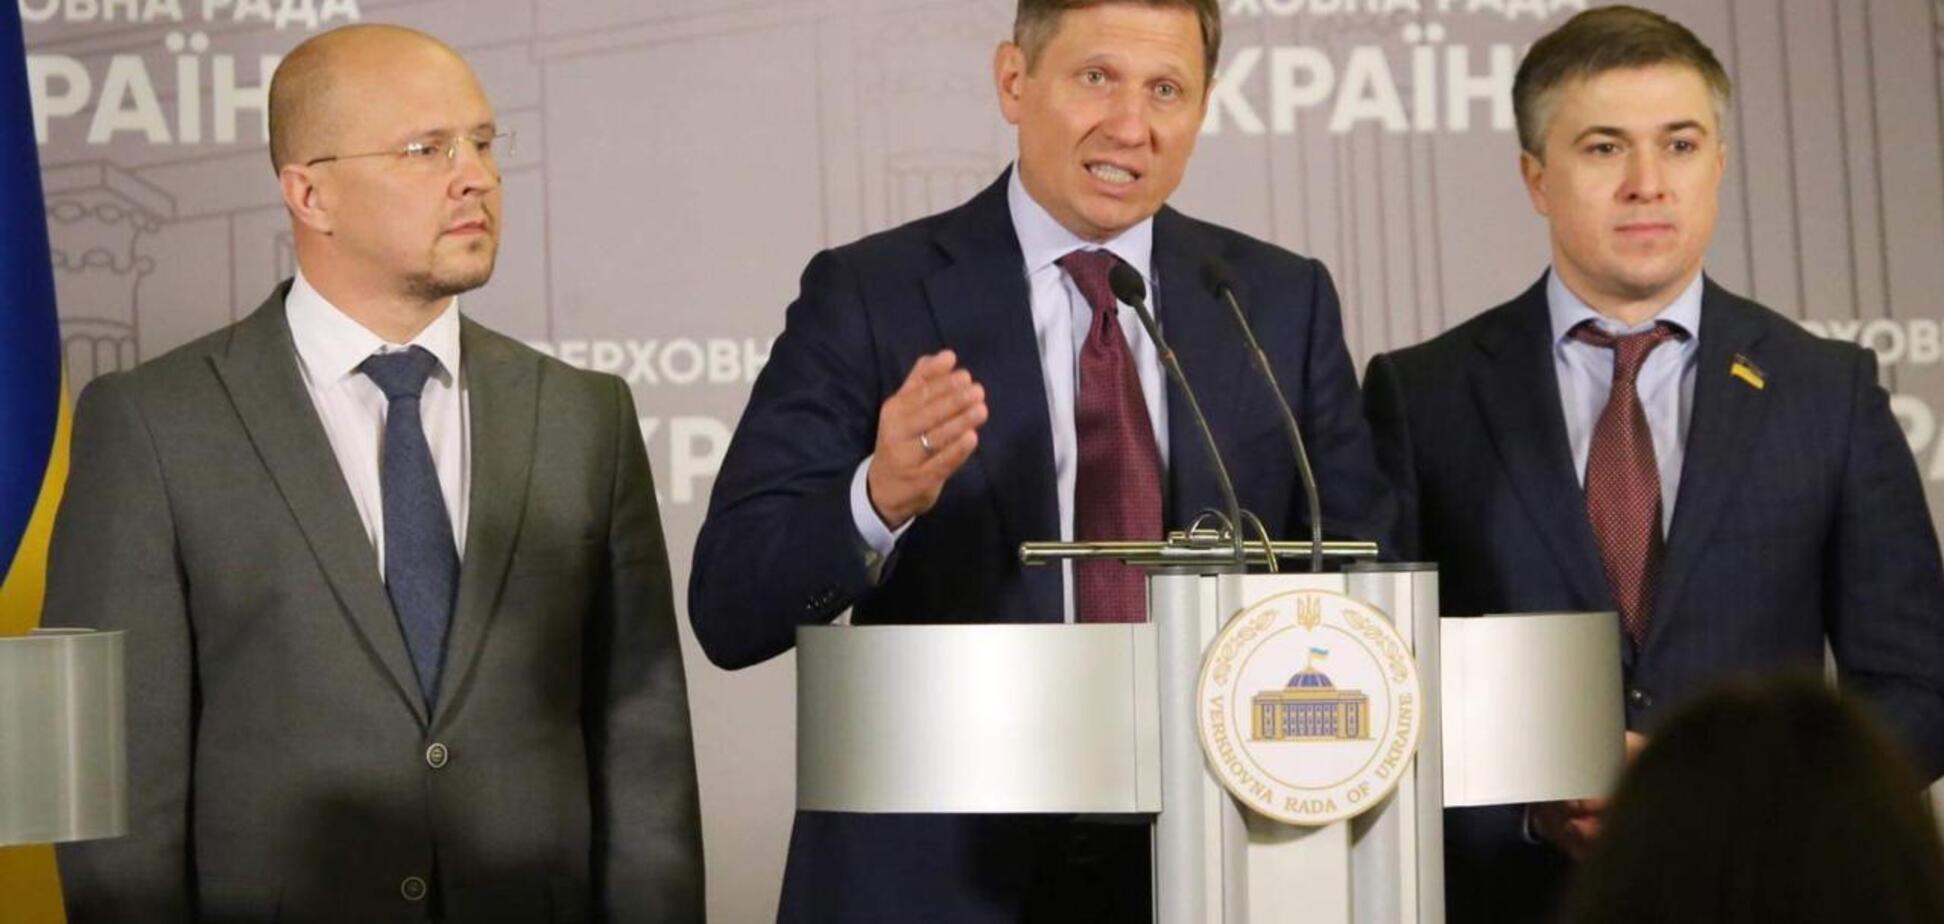 Нардепи звернулися до президента з вимогою звільнити голову Луганської ОДА